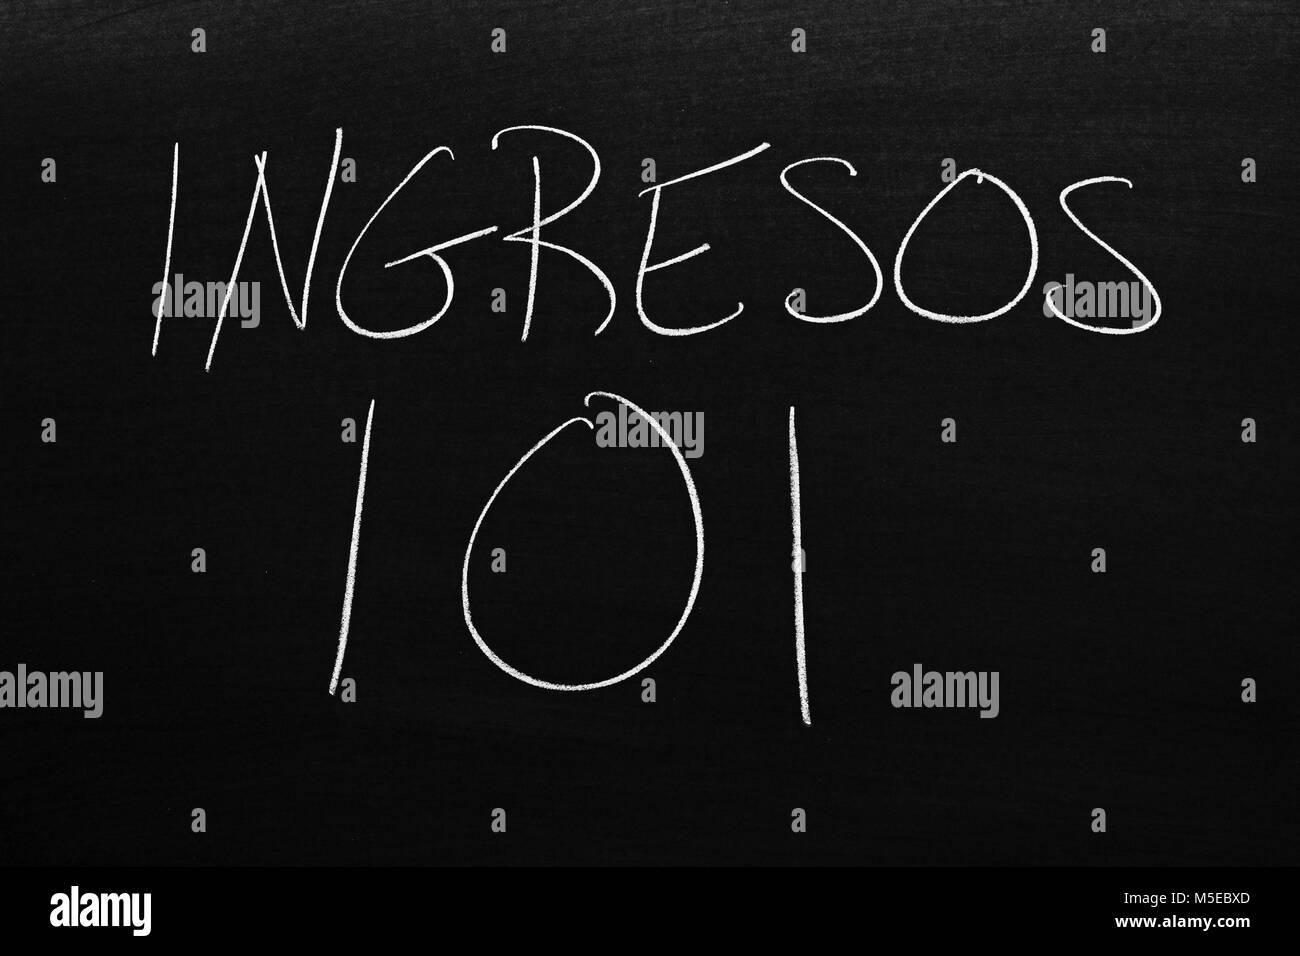 Les mots Ingresos 101 sur un tableau noir à la craie Photo Stock